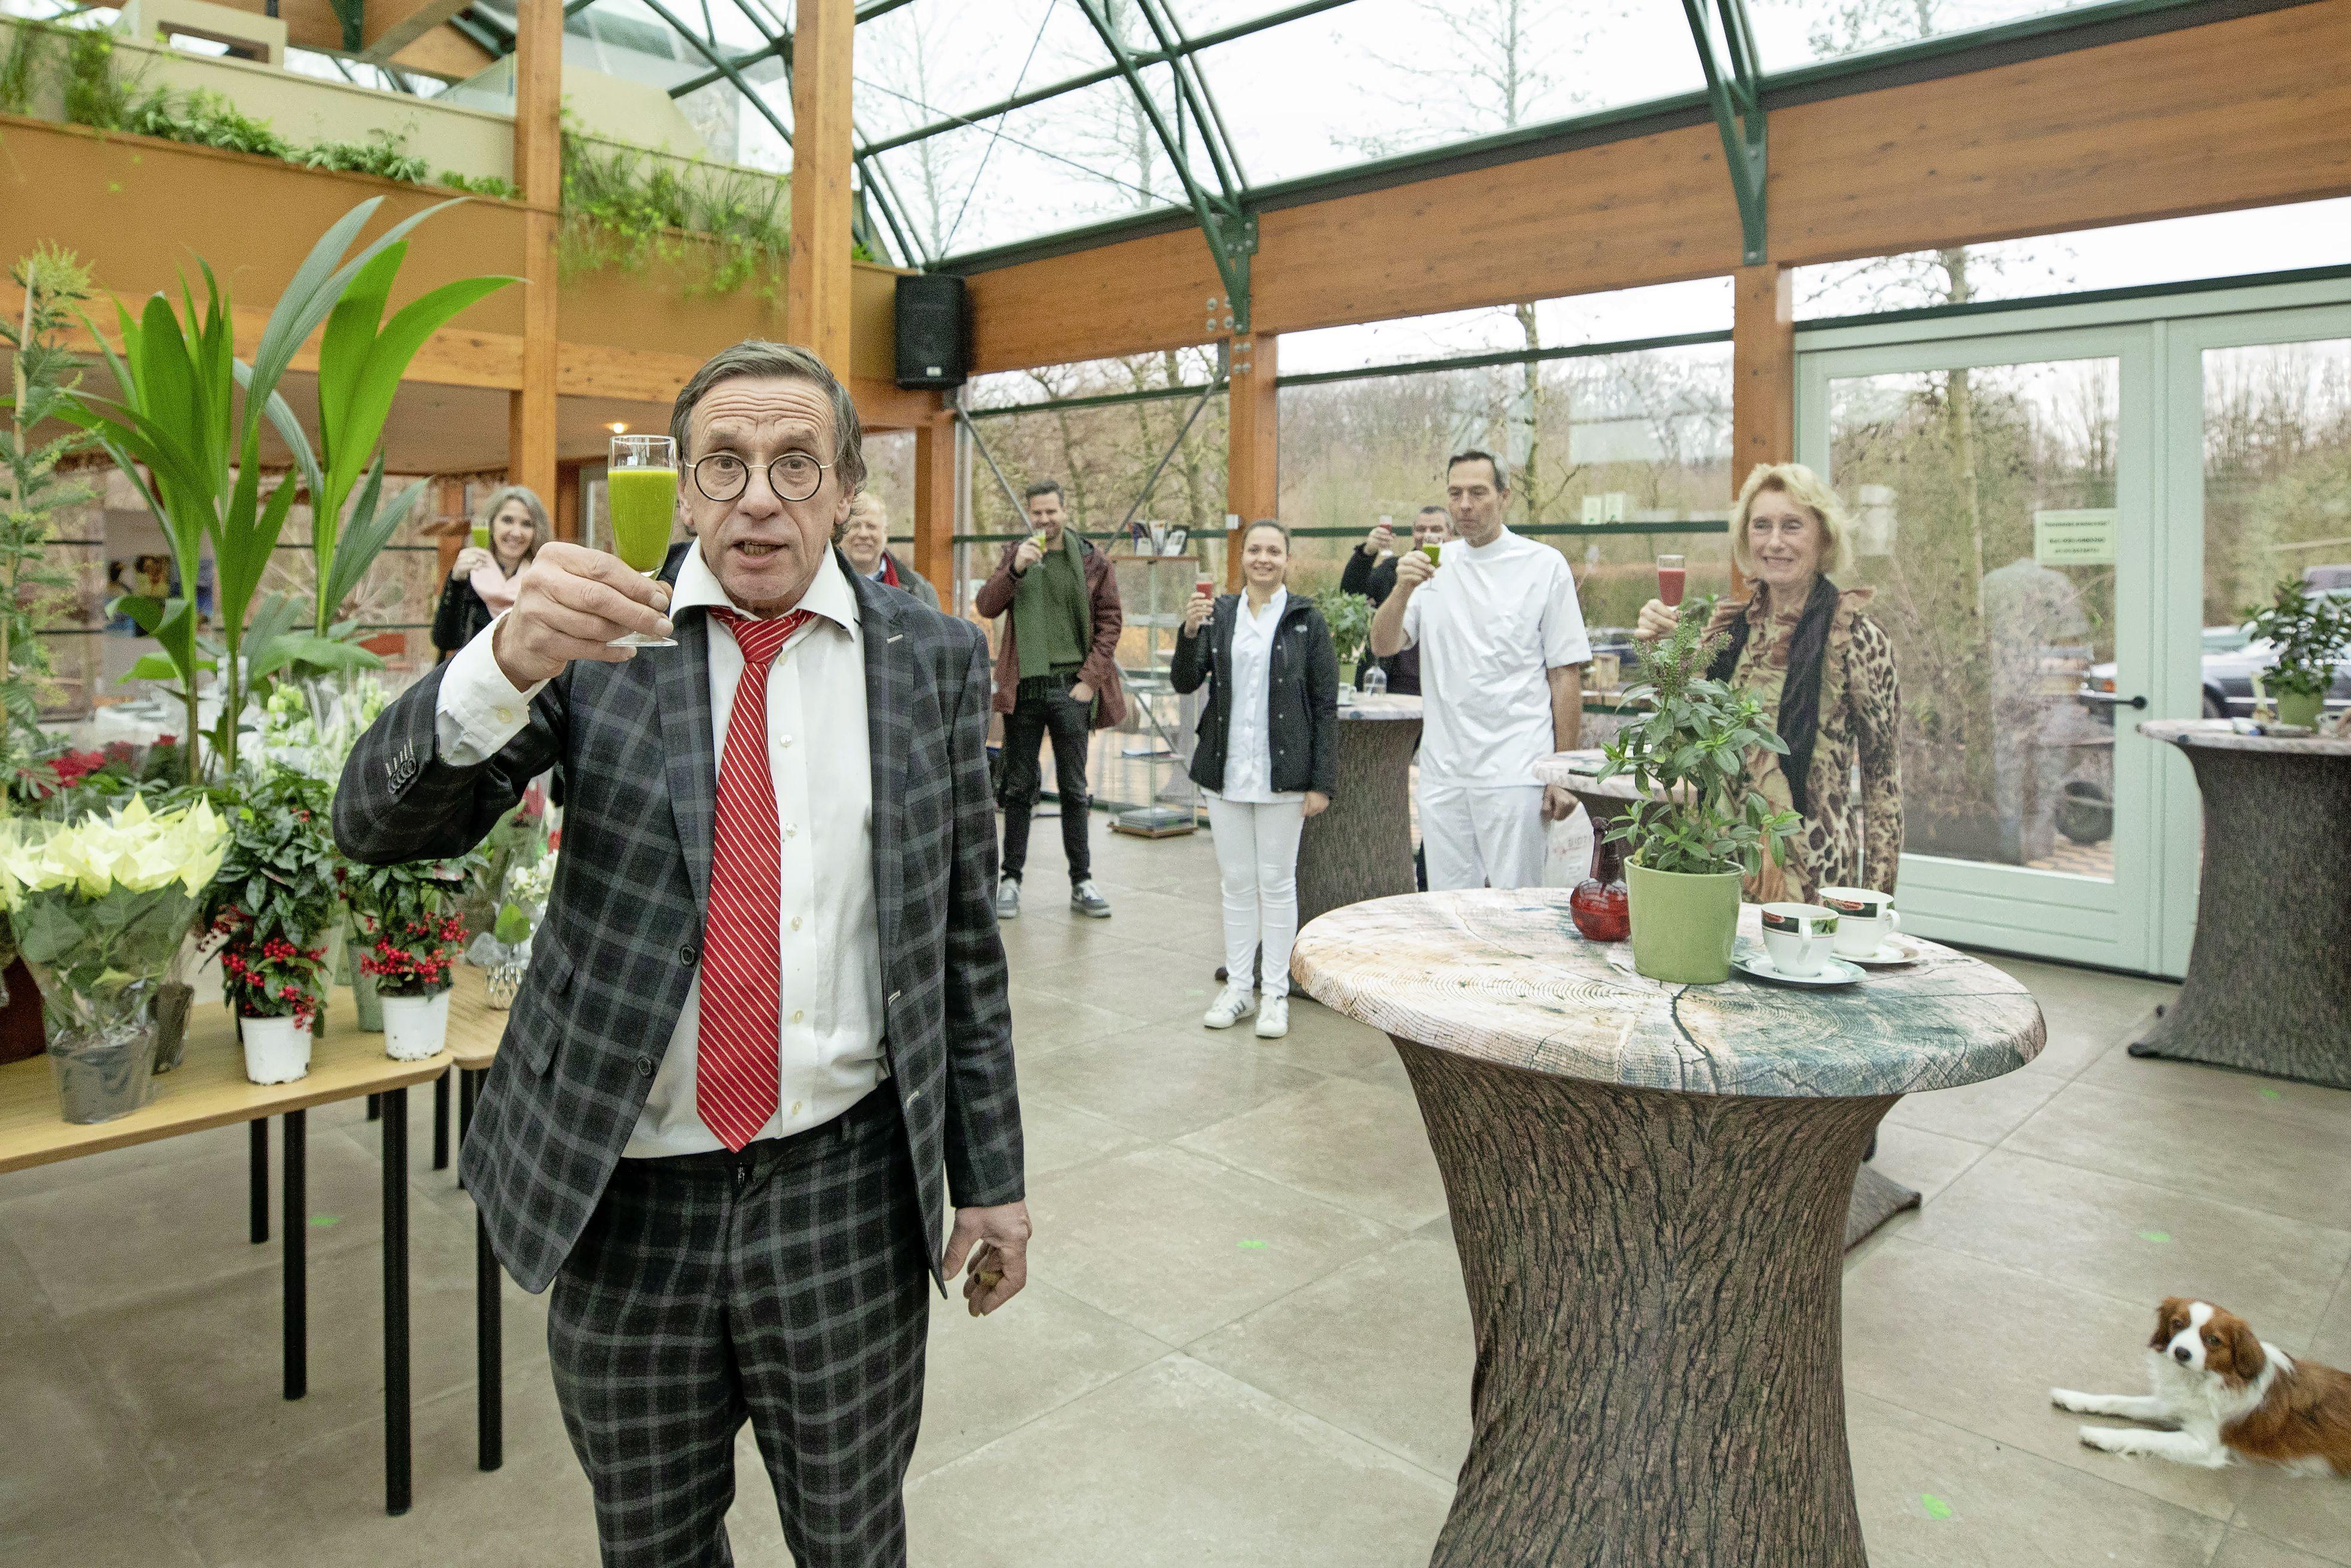 Coronaboete voor het Bomencentrum Baarn had niets te maken met Lamborghini-feestje, maar alles met het terras waar gasten van de coronateststraat stonden, zegt Hans Blokzijl: 'Terras? Buitenterrein!'